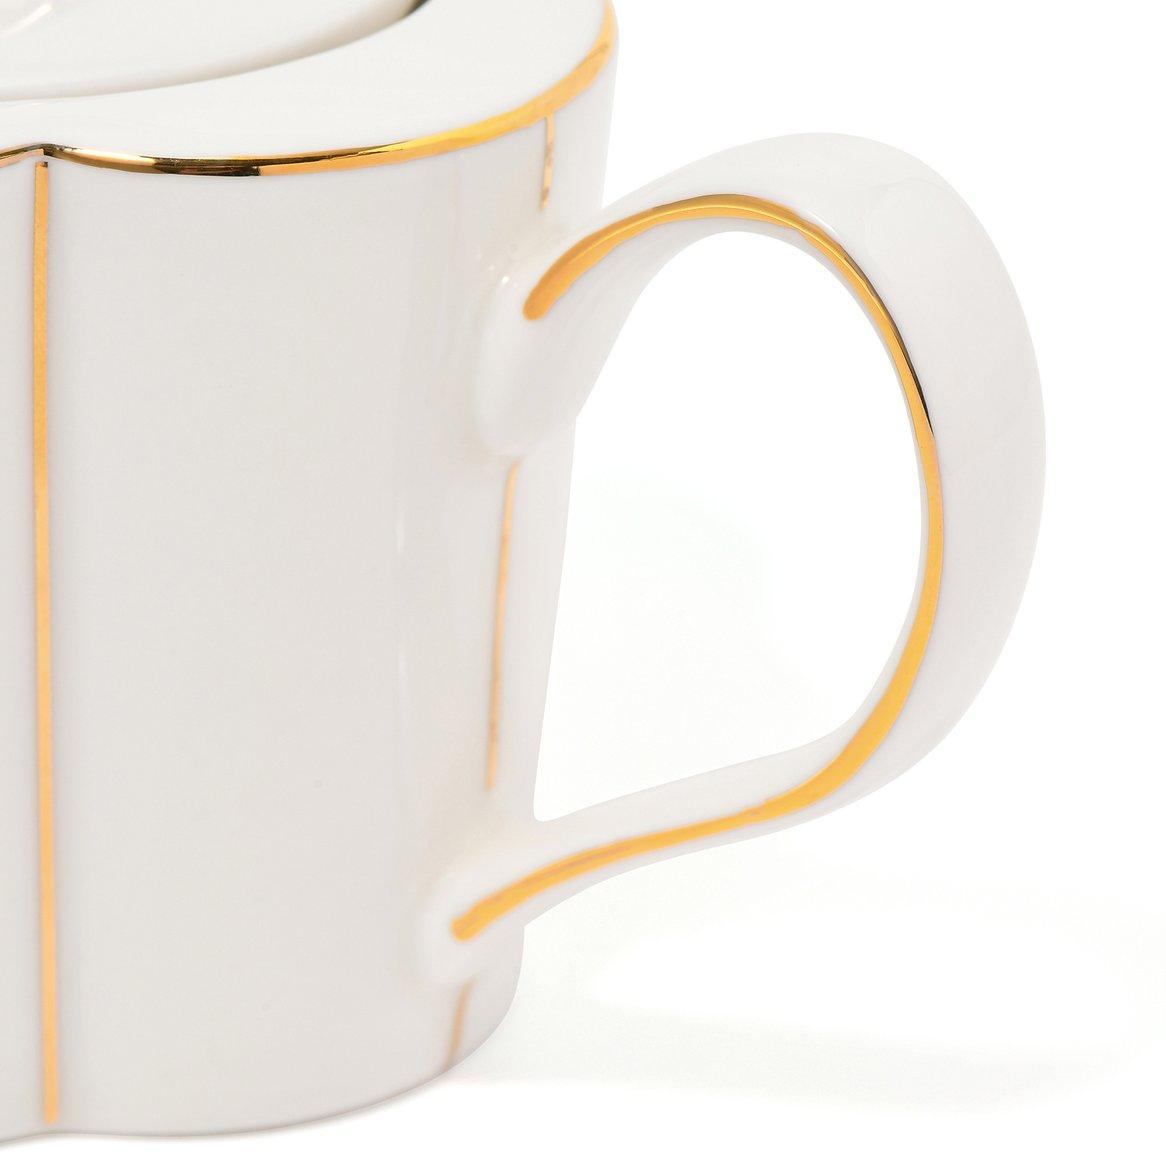 Francfranc(フランフラン) おうちカフェセット 2 personsの商品画像38